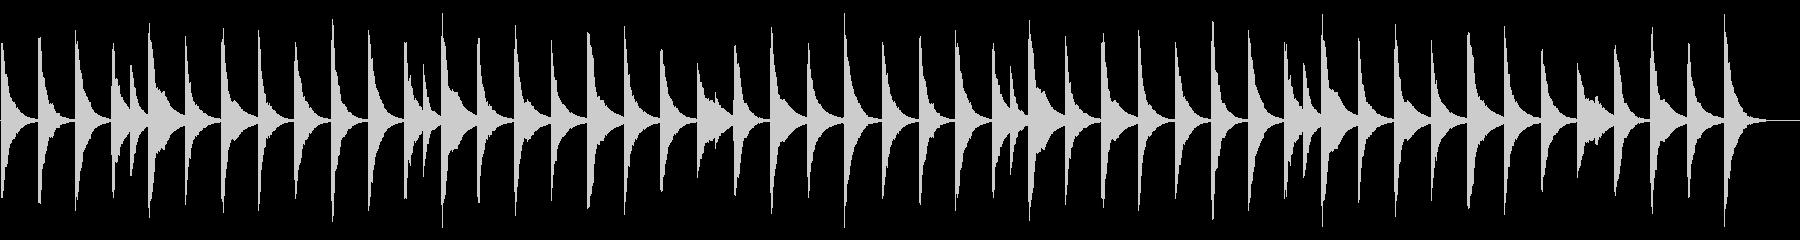 ゆったりした優しいオルゴールの未再生の波形